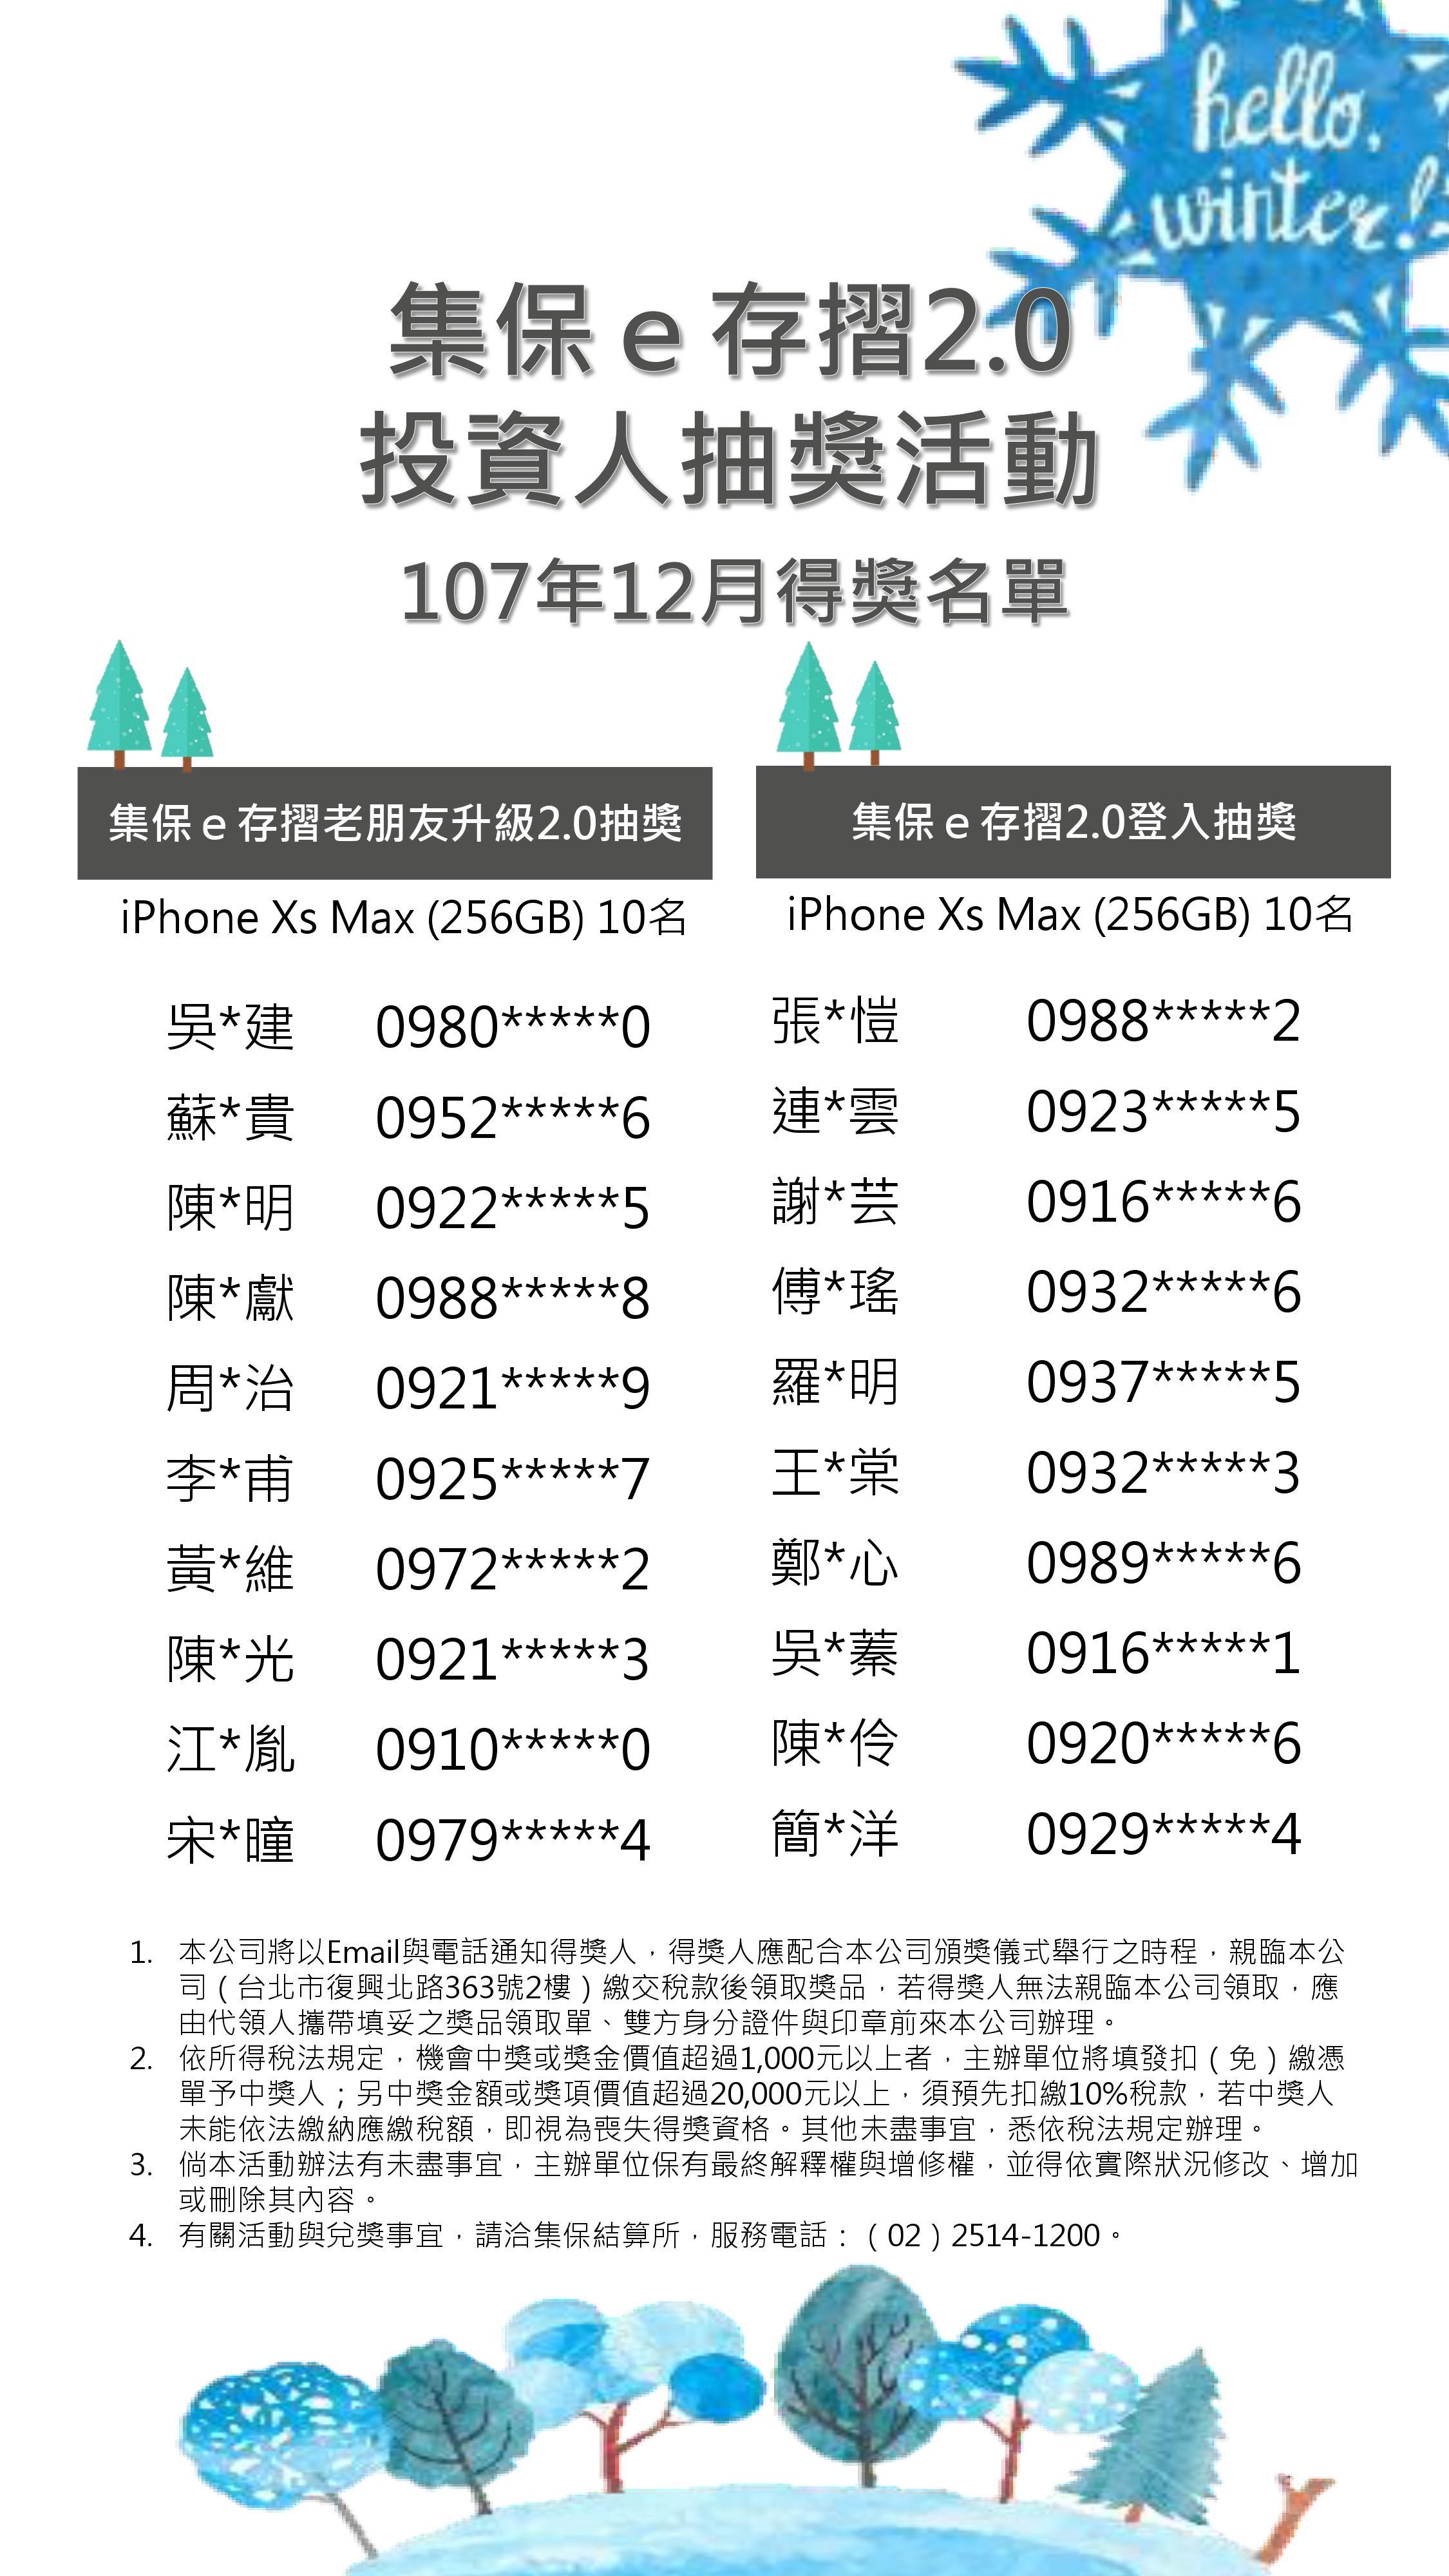 12月投資人抽獎活動中獎名單